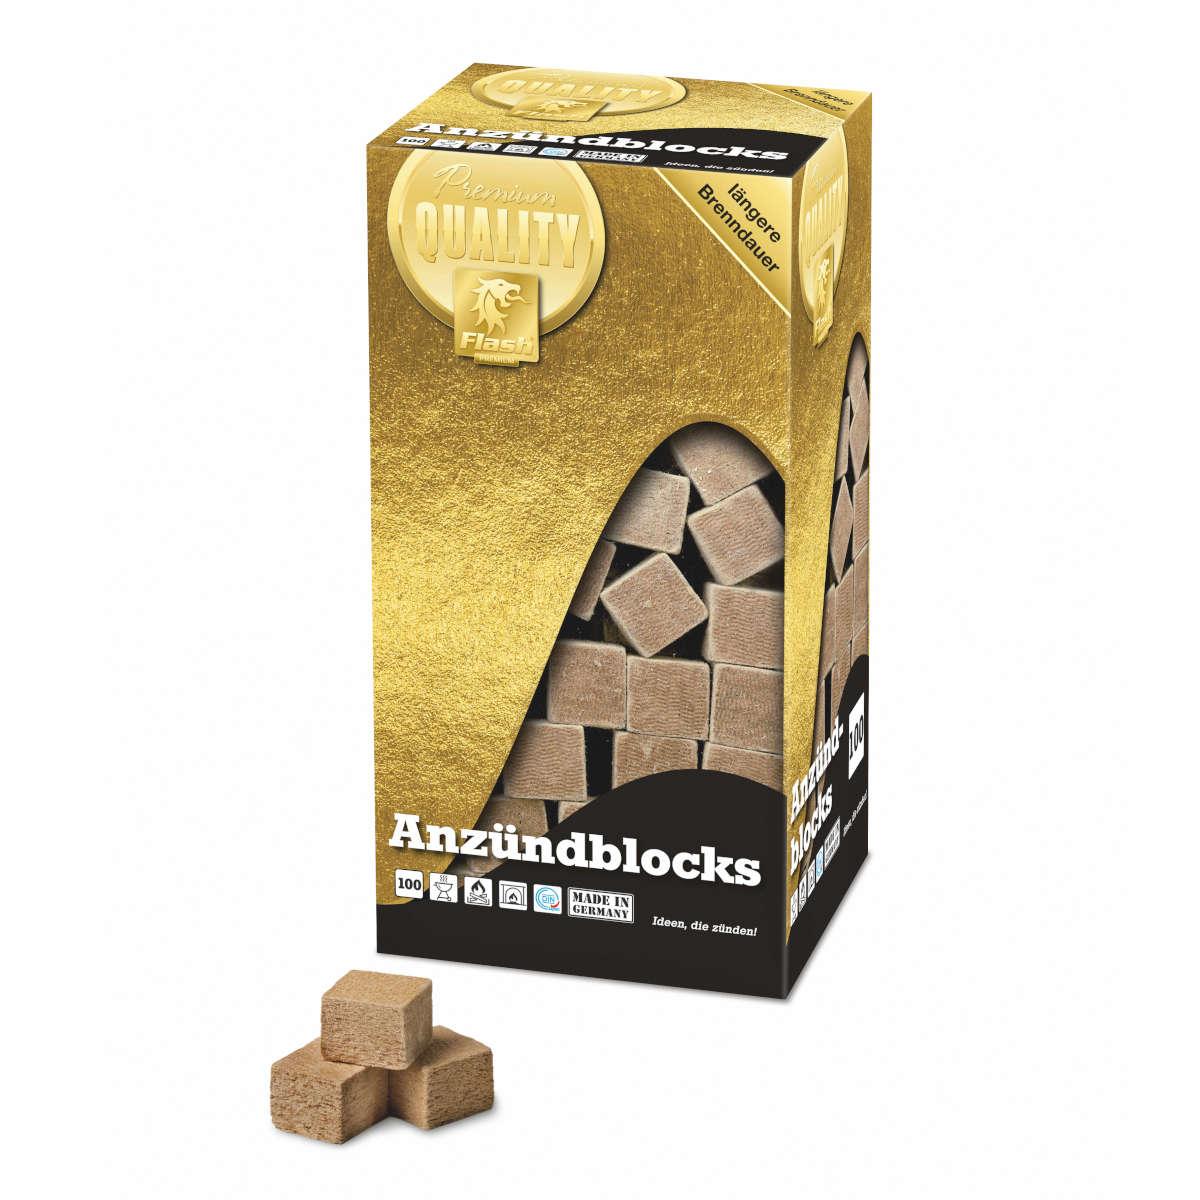 100 XXL Blocks - Holz und Wachs COMP